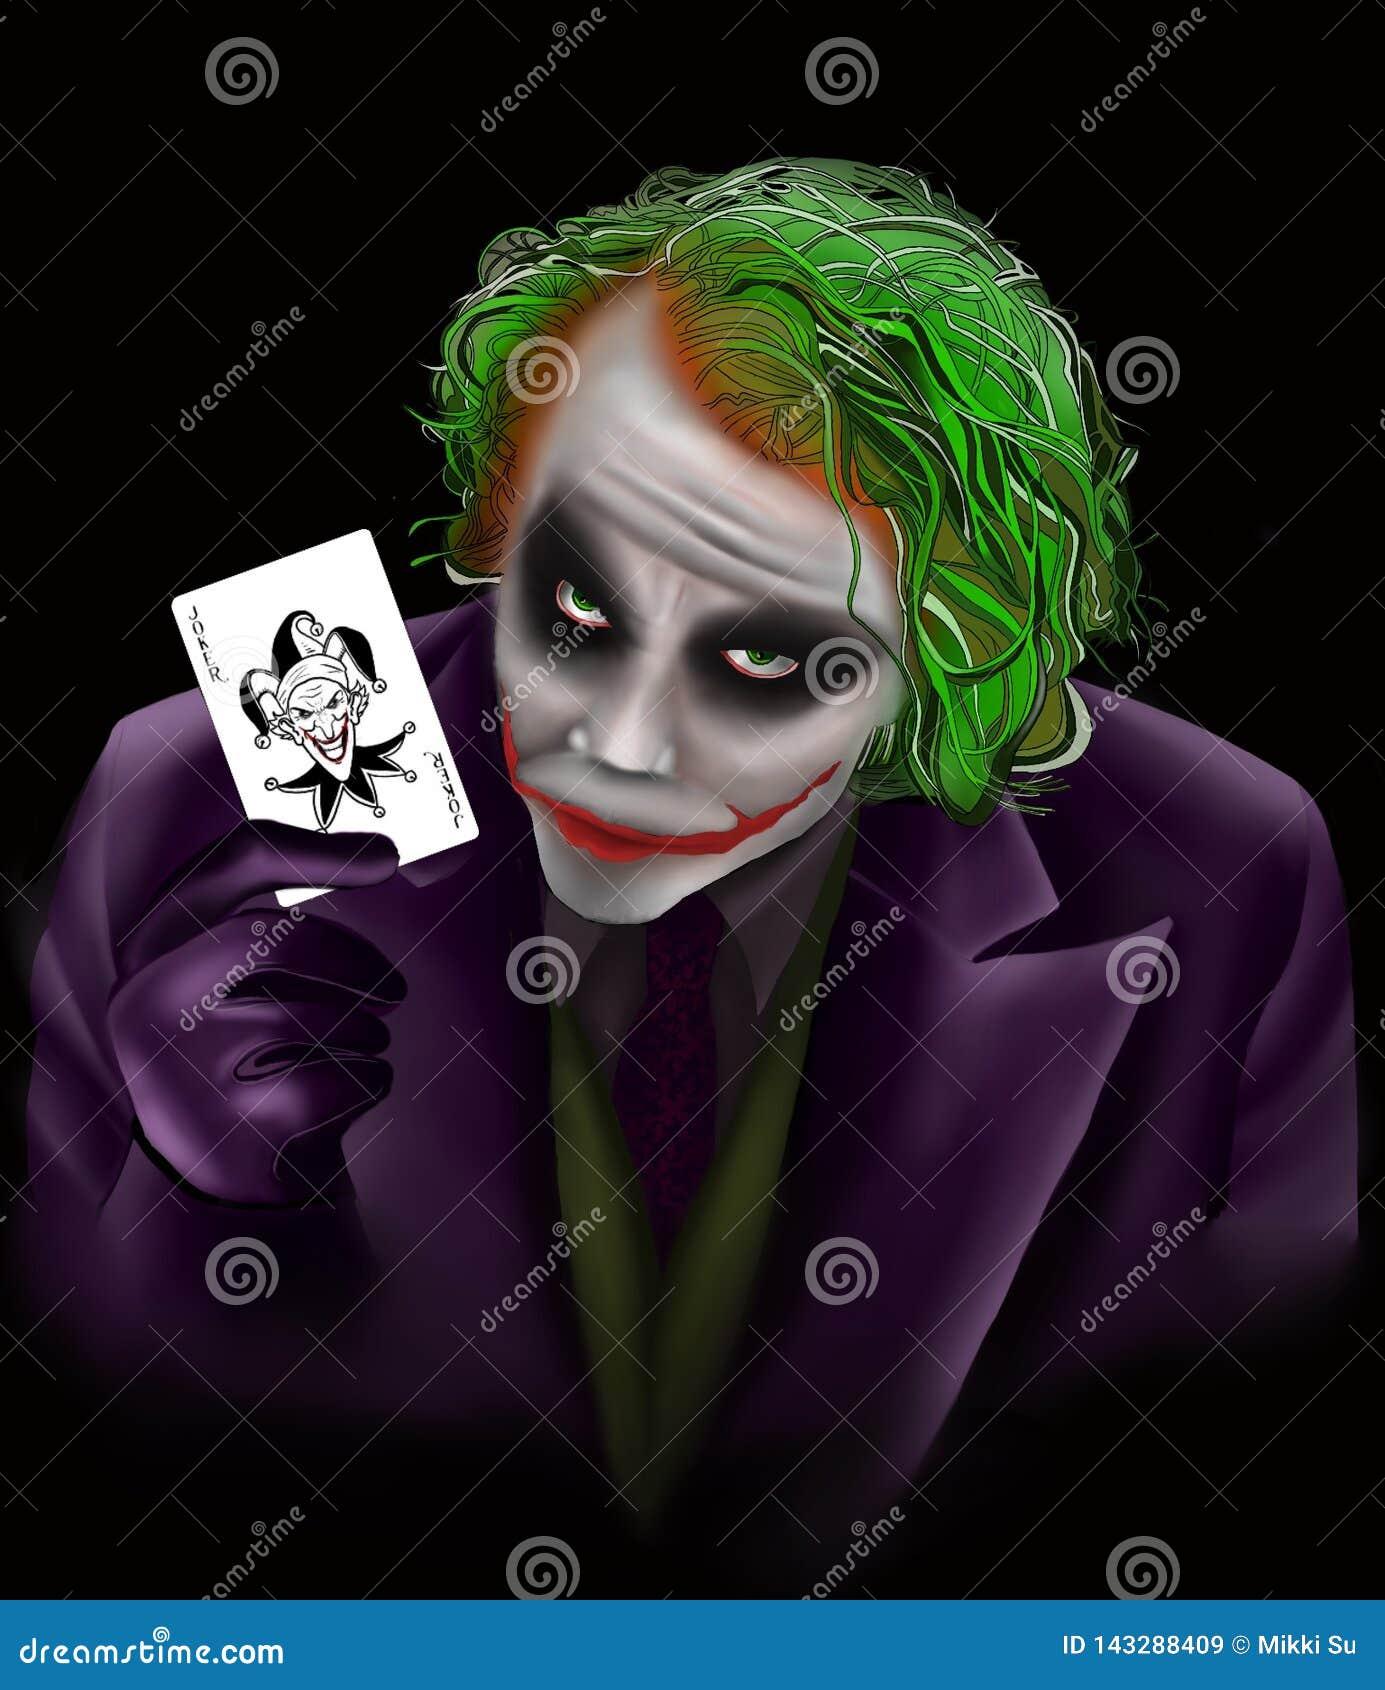 Halloween Joker Card.Cartoon Joker From Ds Editorial Stock Image Illustration Of Dark